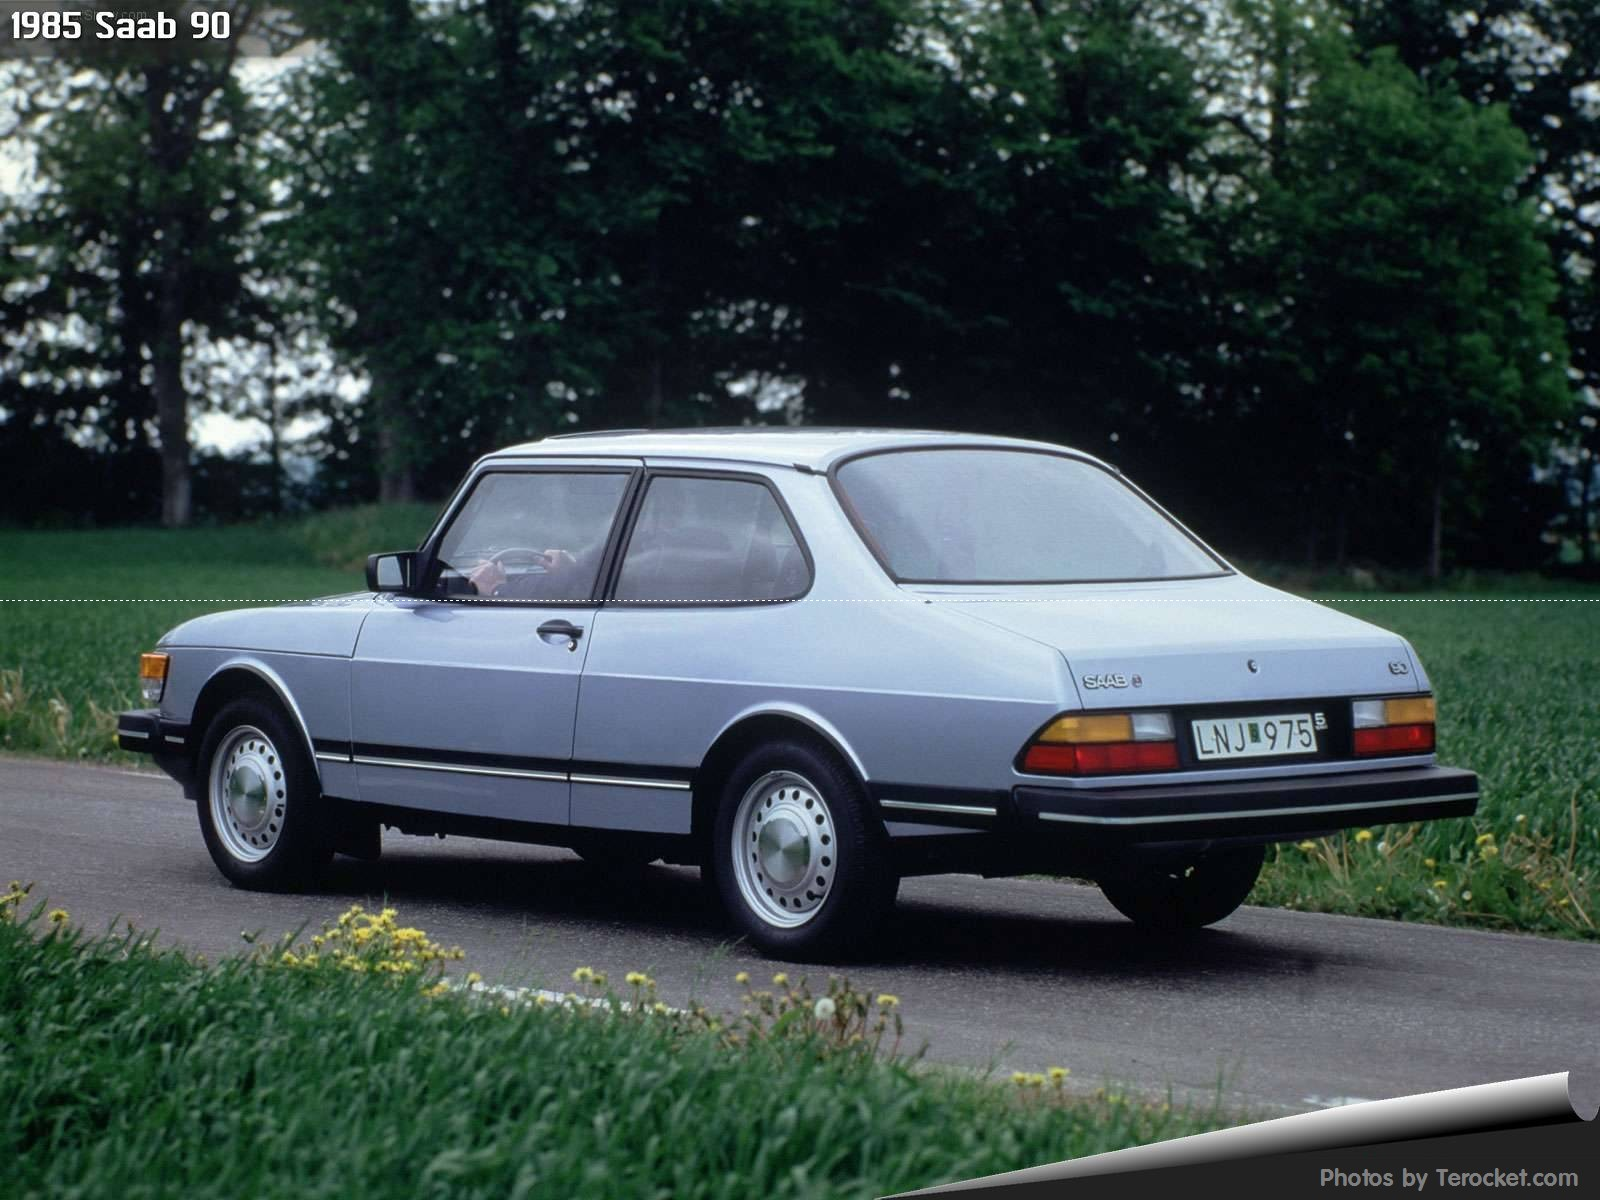 Hình ảnh xe ô tô Saab 90 1985 & nội ngoại thất